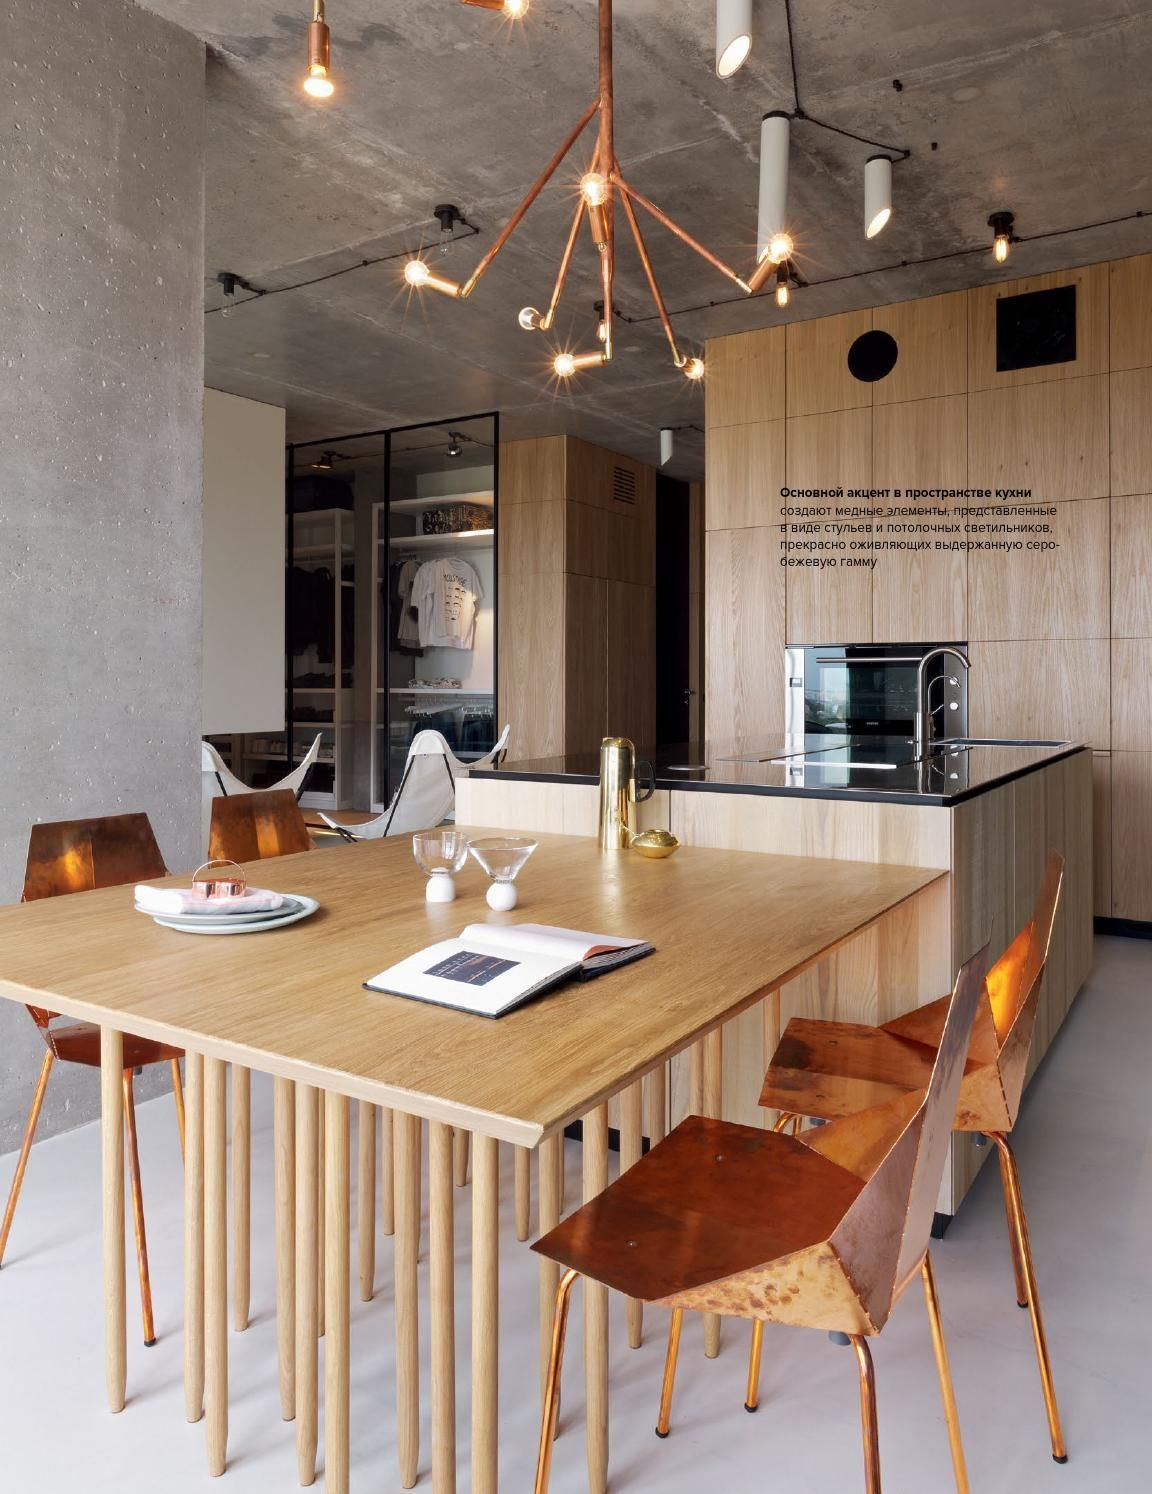 Interior design also id kitchen details pinterest interiors rh in